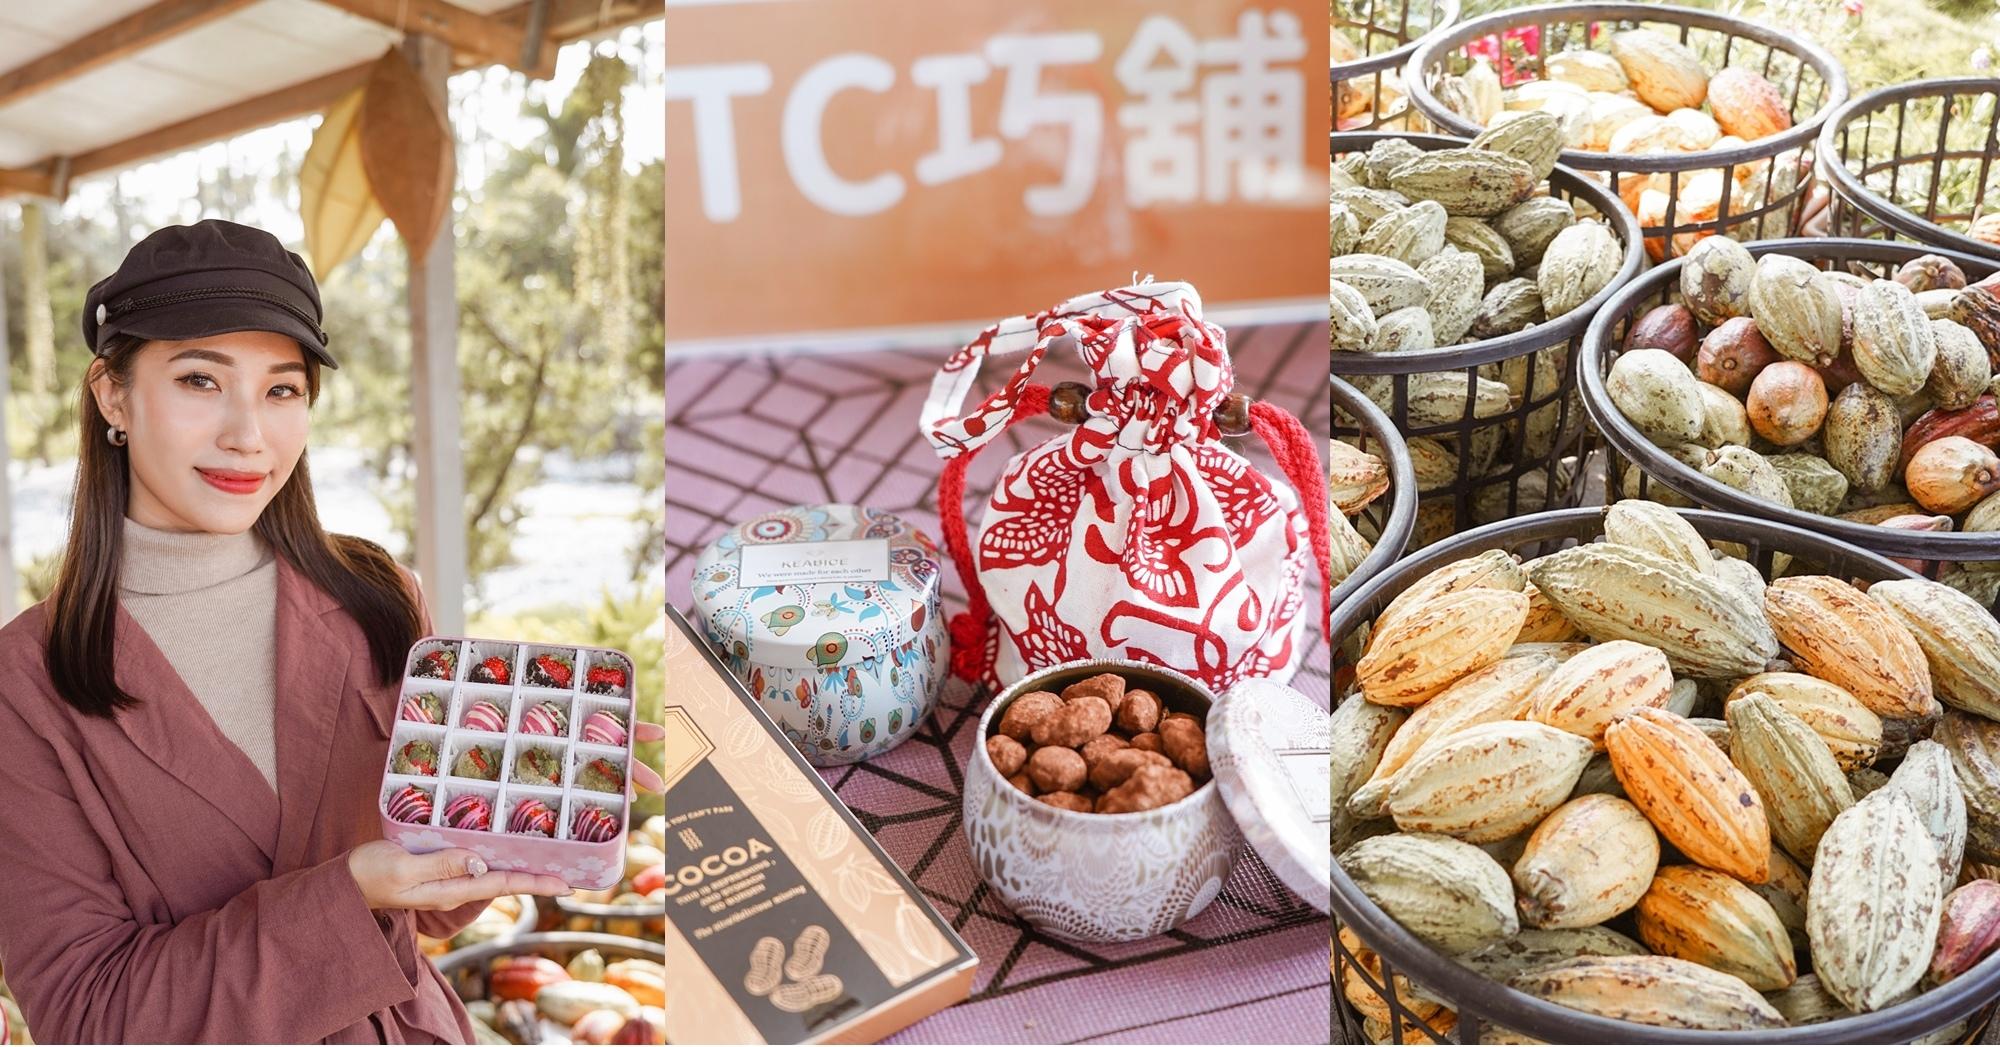 屏東金牌可可 TC巧舖草莓季推出限量禮盒 藝人汪建民與漫時光聯合部落客支持台灣可可.jpg